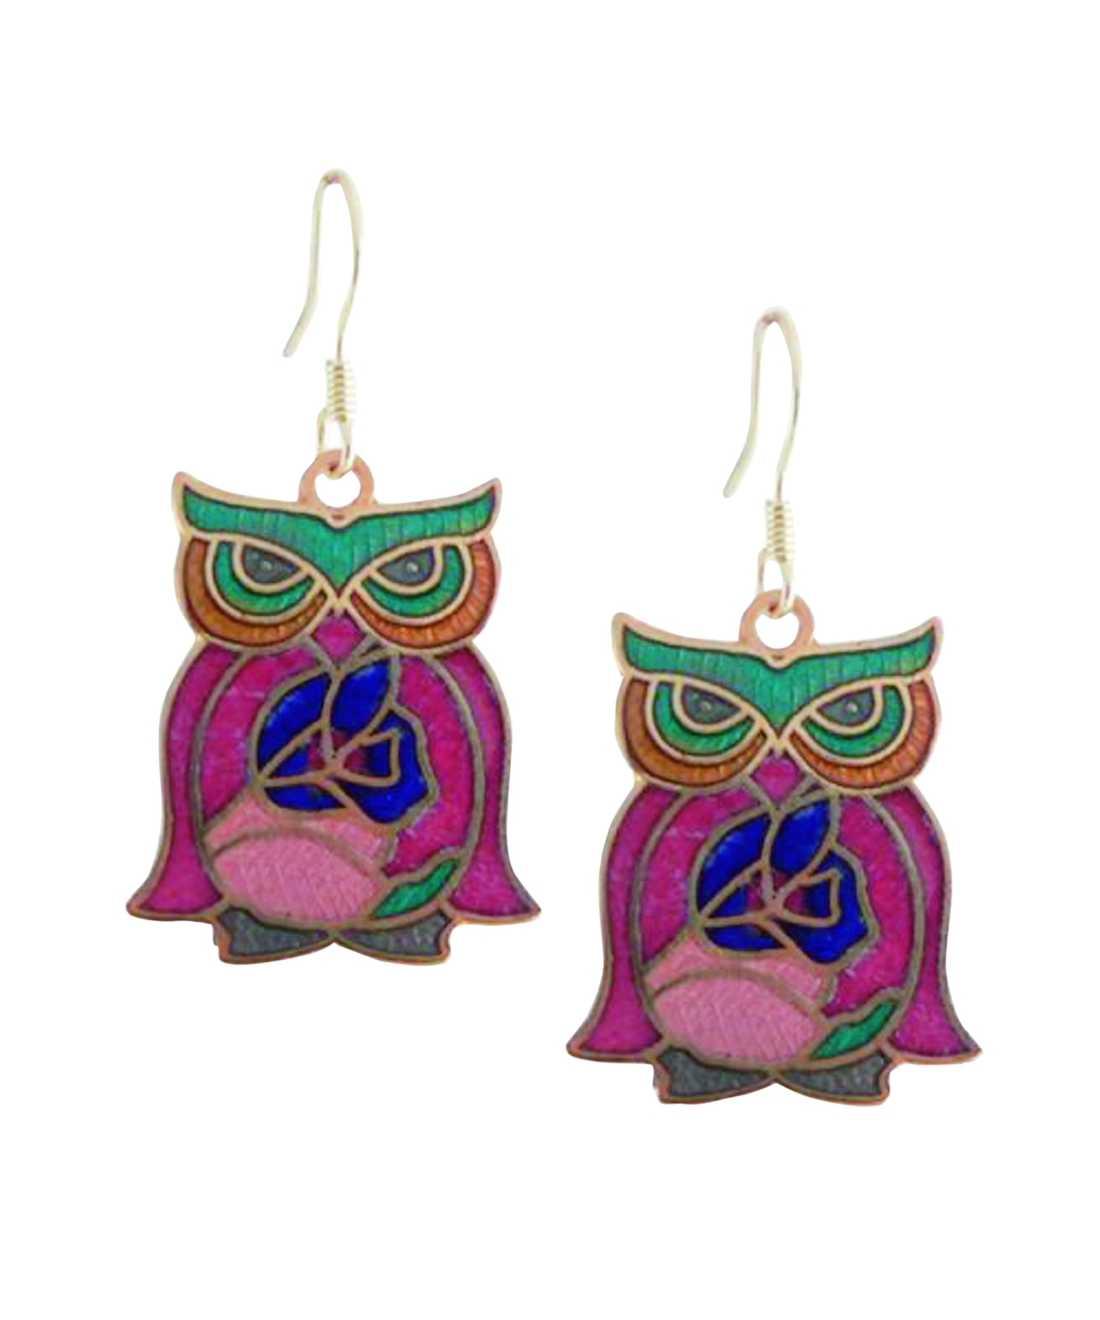 Bli ett med naturen med dessa söta, emaljerade ugglor från Ms Bijoux i öronen. Örhängena hittar du på www.accessora.se för 89 kronor.